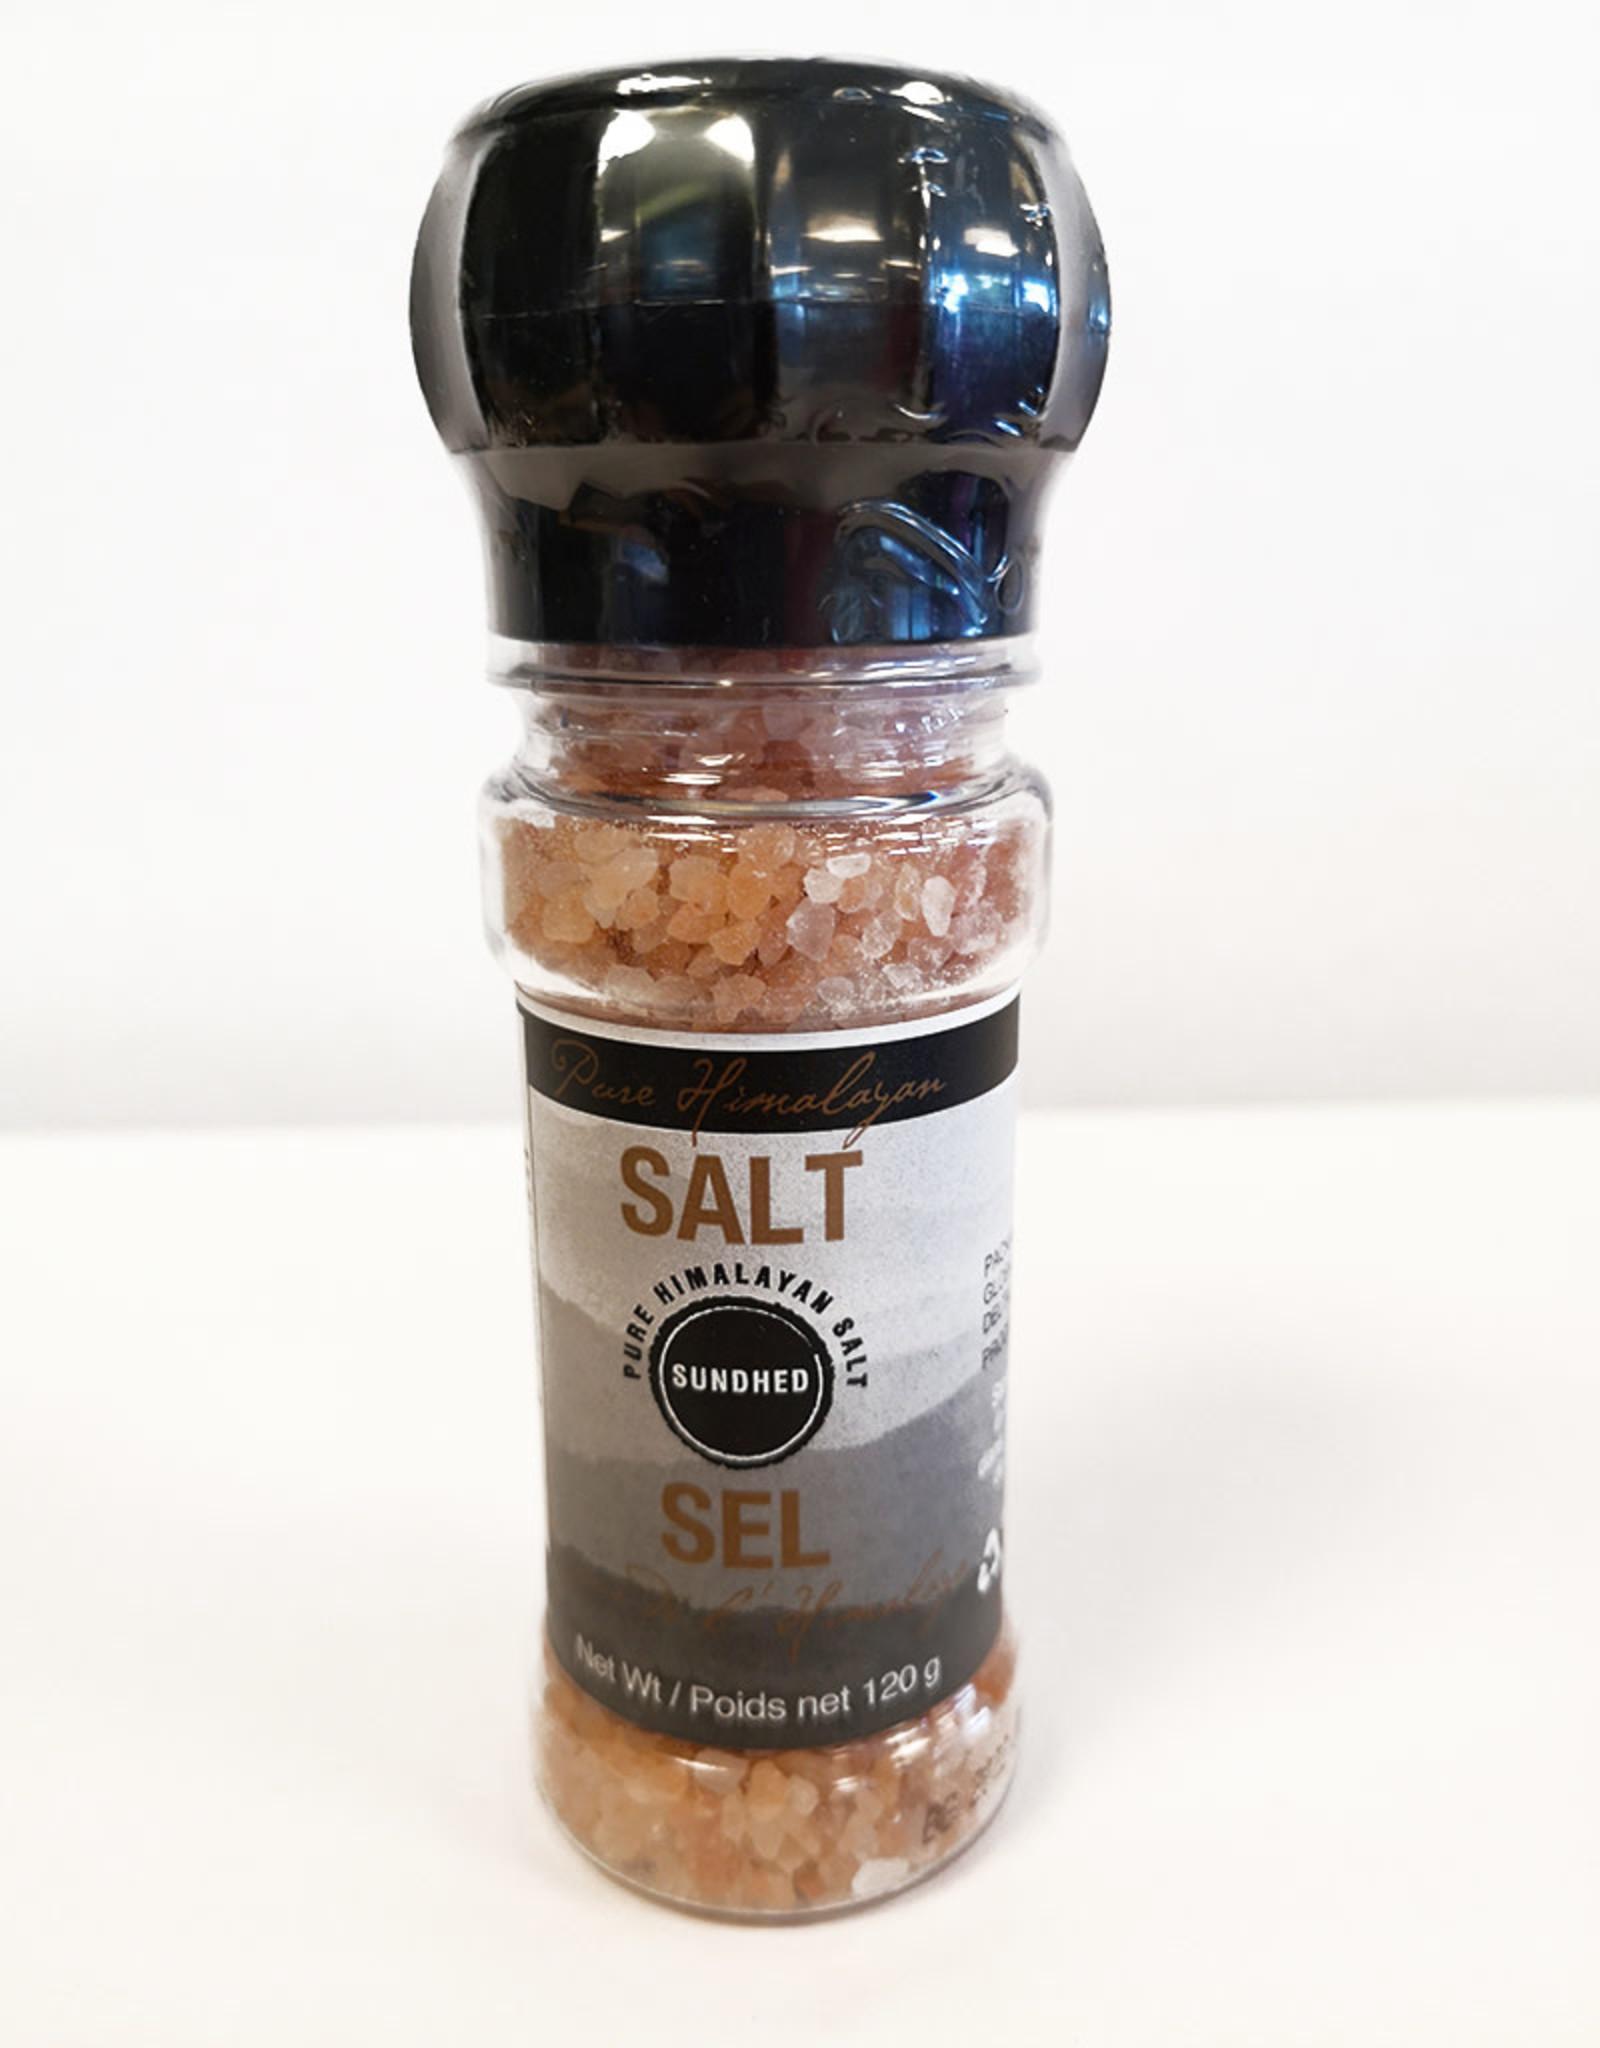 Sundhed Sundhed - Himalayan Salt, Coarse with Grinder (120g)